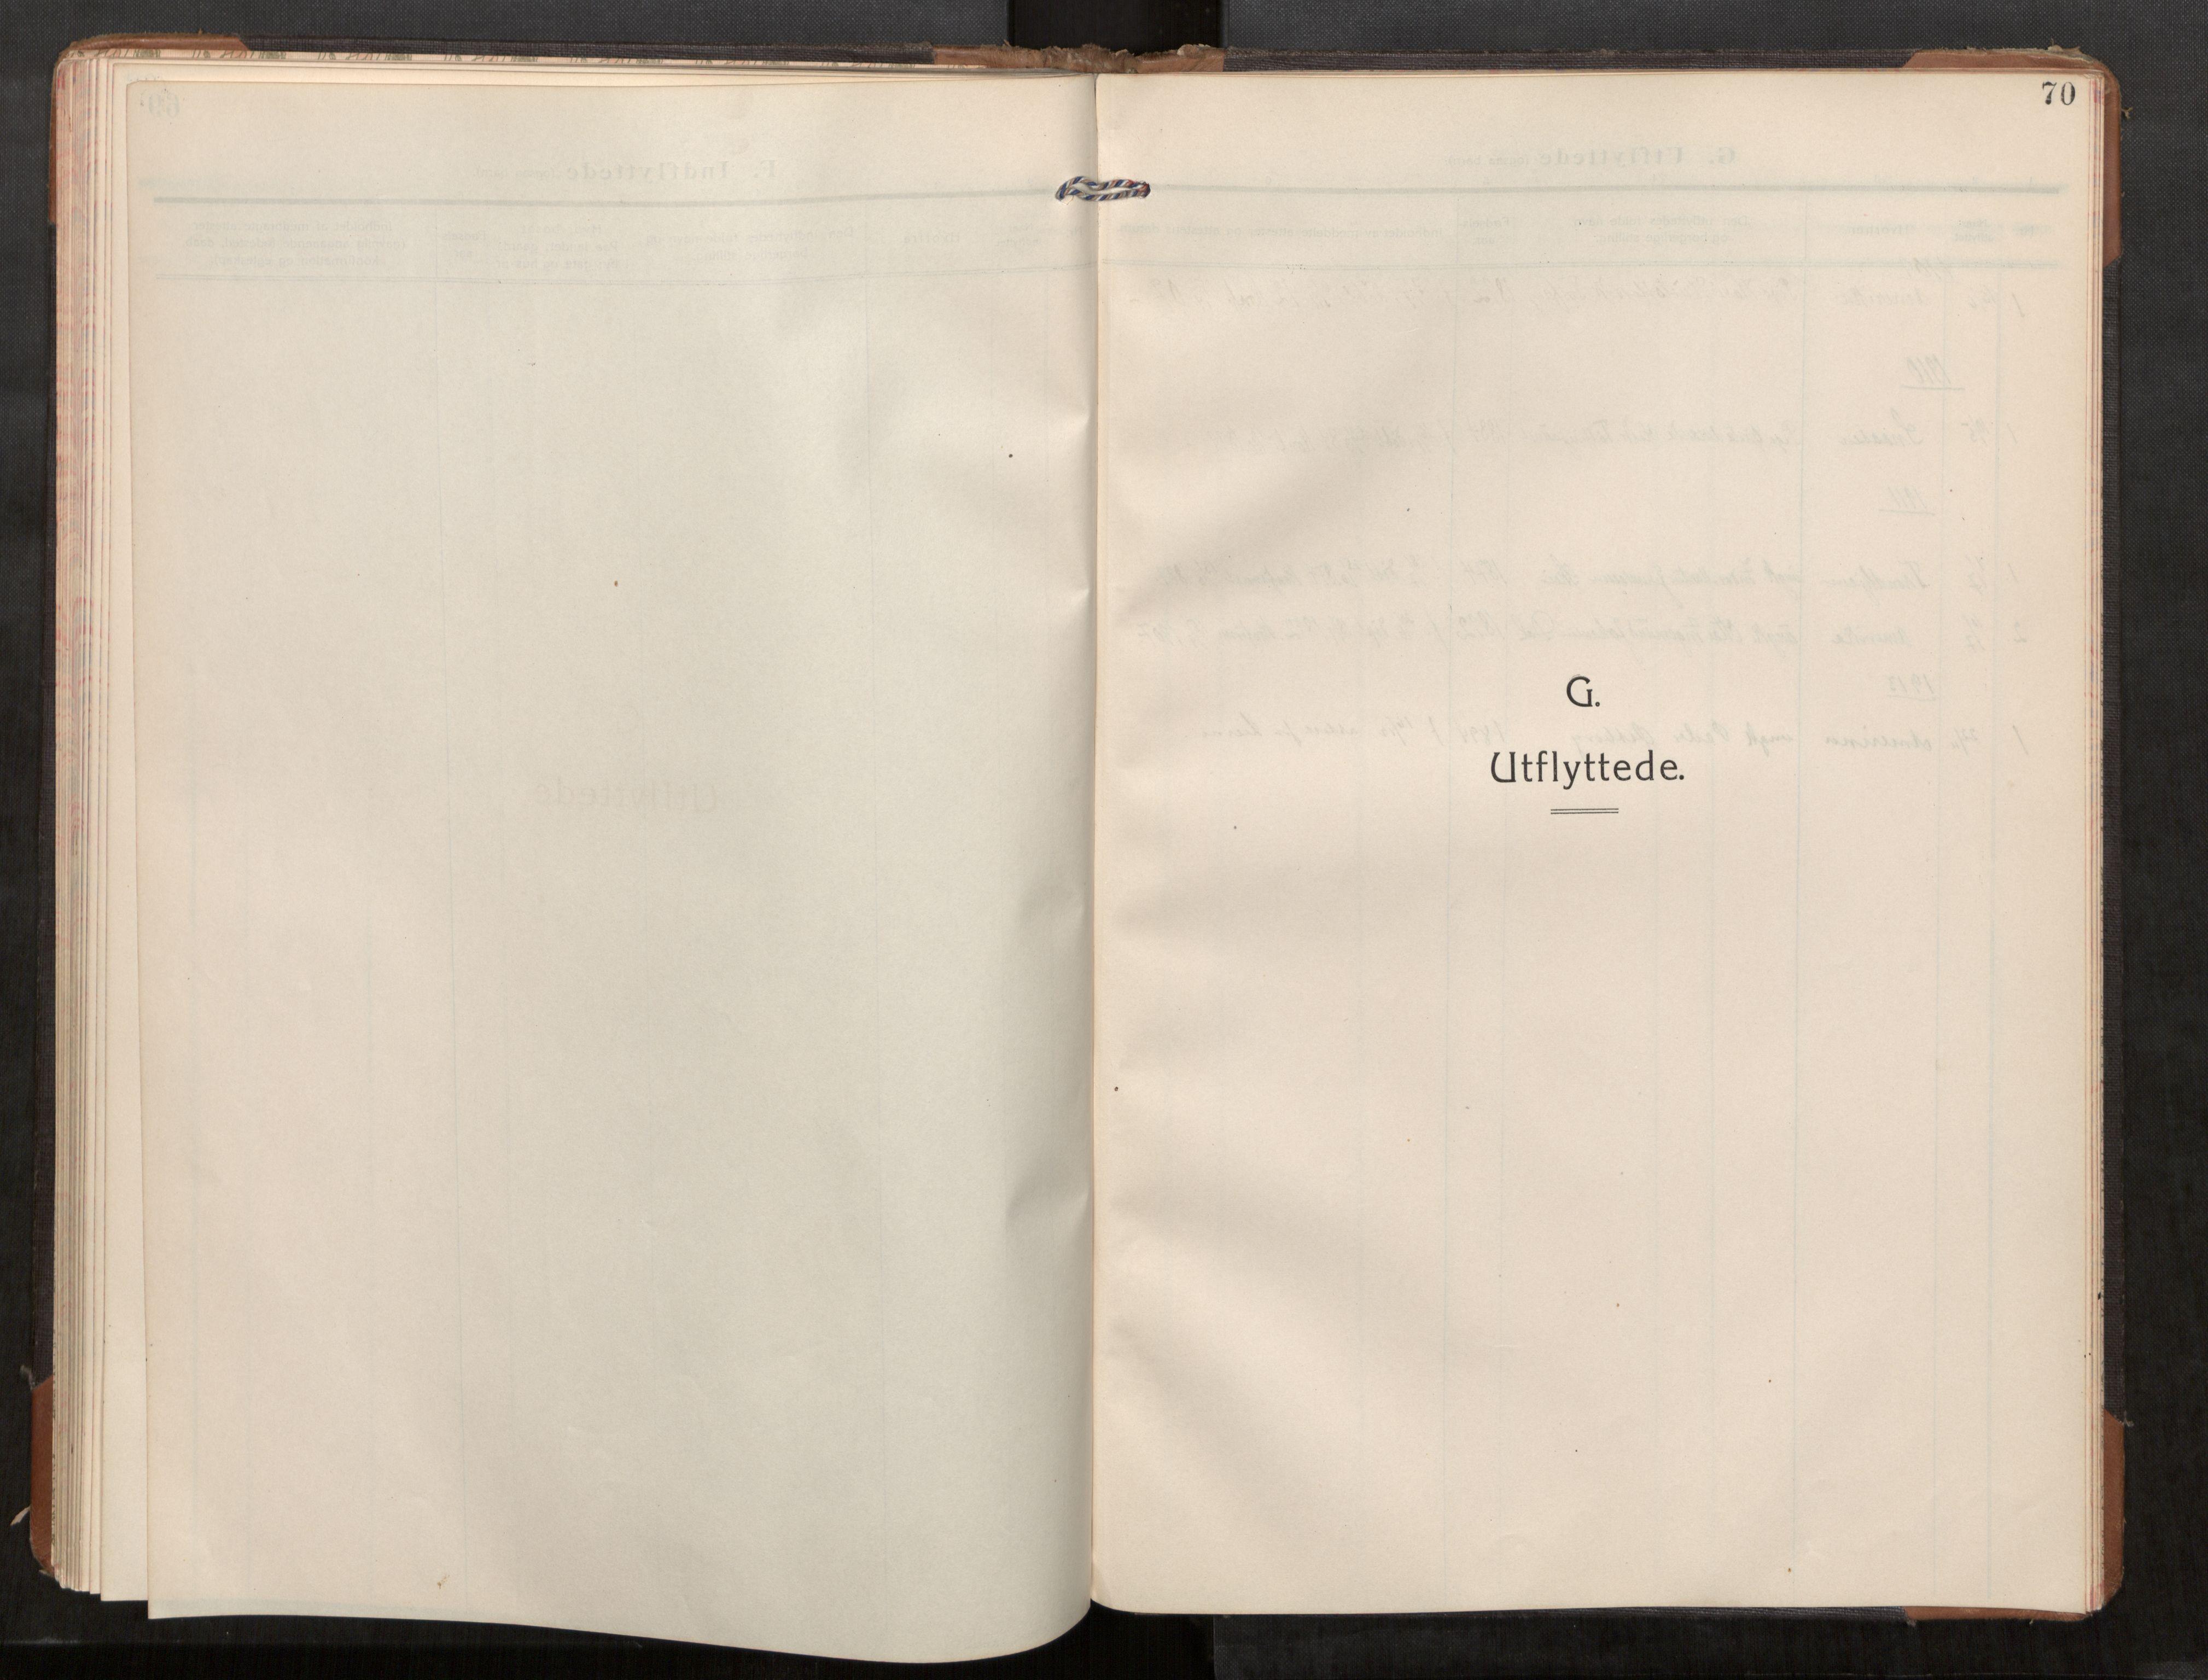 SAT, Stod sokneprestkontor, I/I1/I1a/L0003: Parish register (official) no. 3, 1909-1934, p. 70